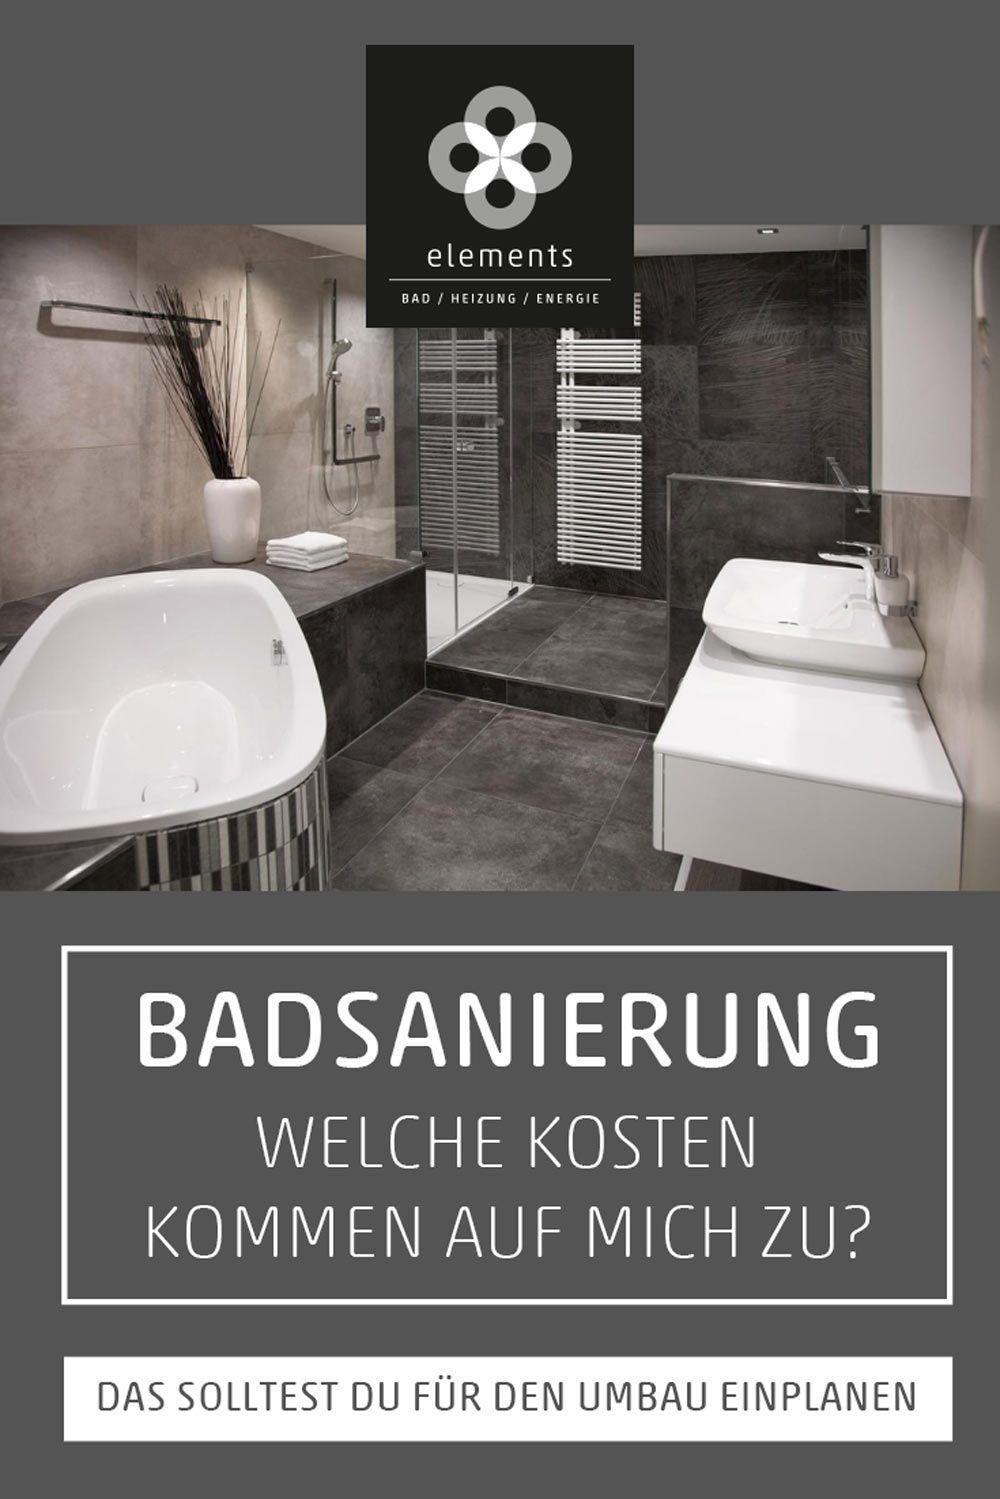 Du Wunschst Dir Fur Deine Vier Wande Ein Neues Badezimmer Doch Welche Kosten Bringt Ein Solches Projekt Mit Sich Welch Neues Badezimmer Kosten Badezimmer Bad